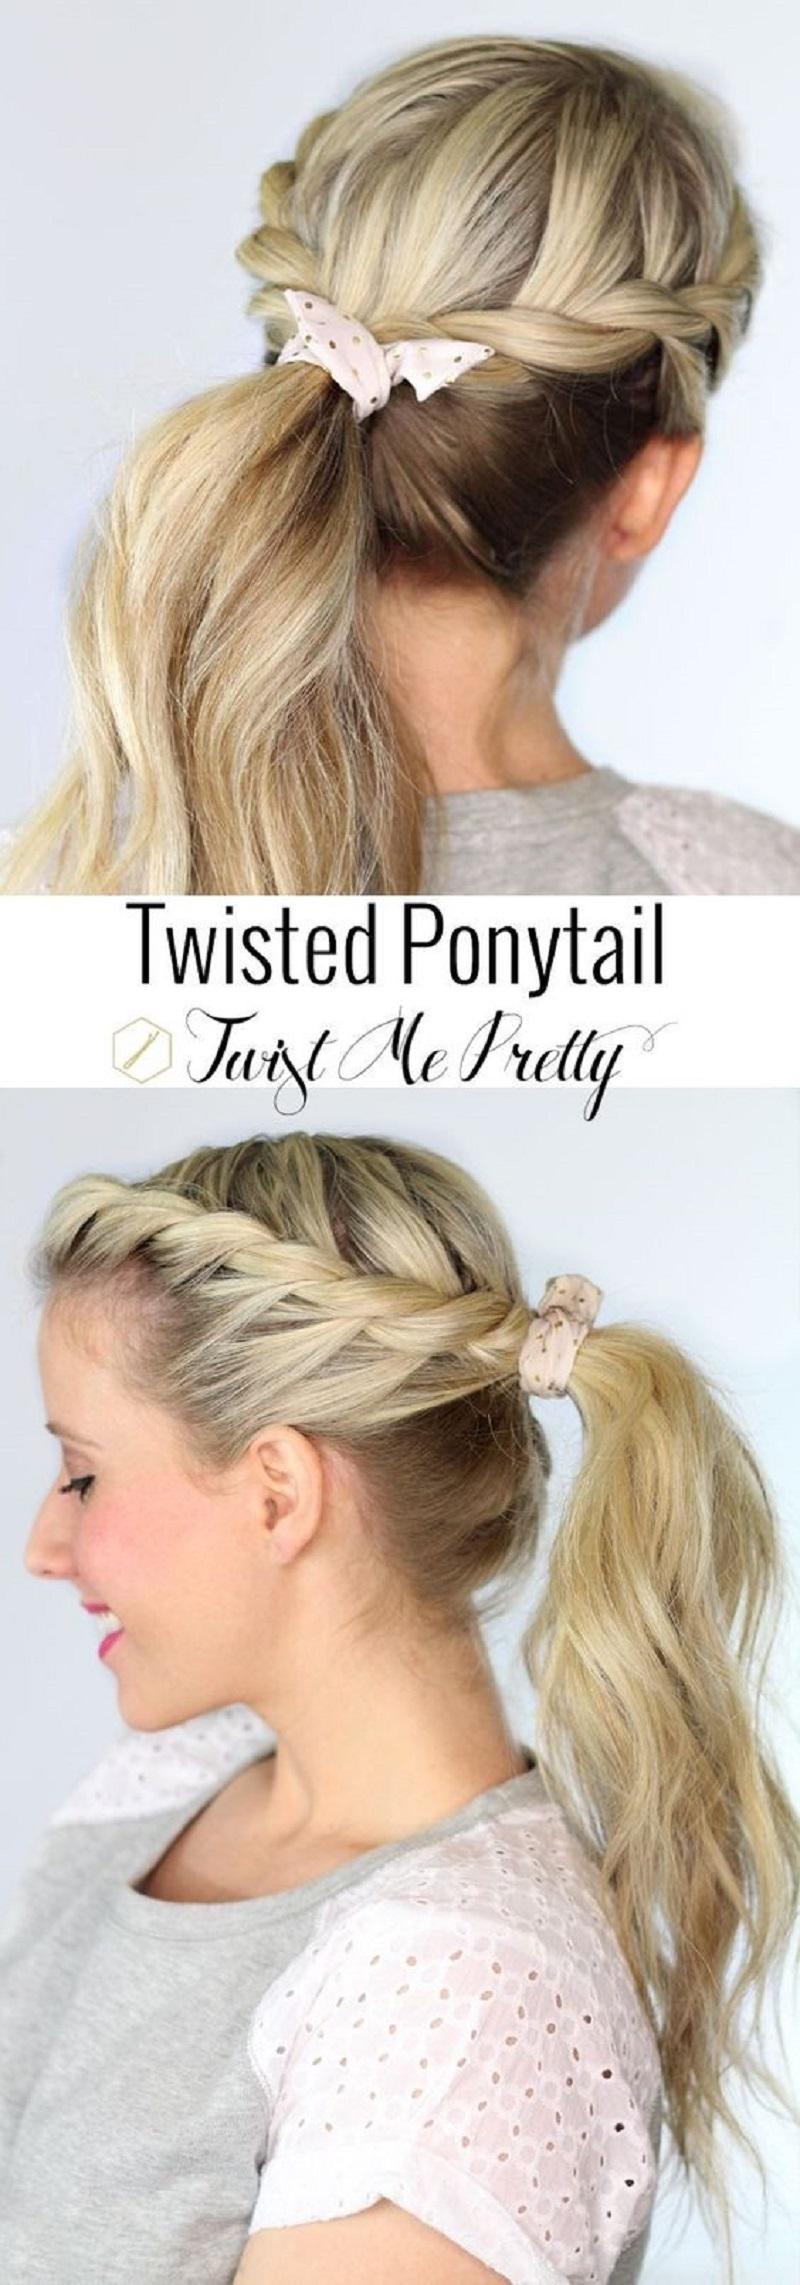 Pretty twisted pony